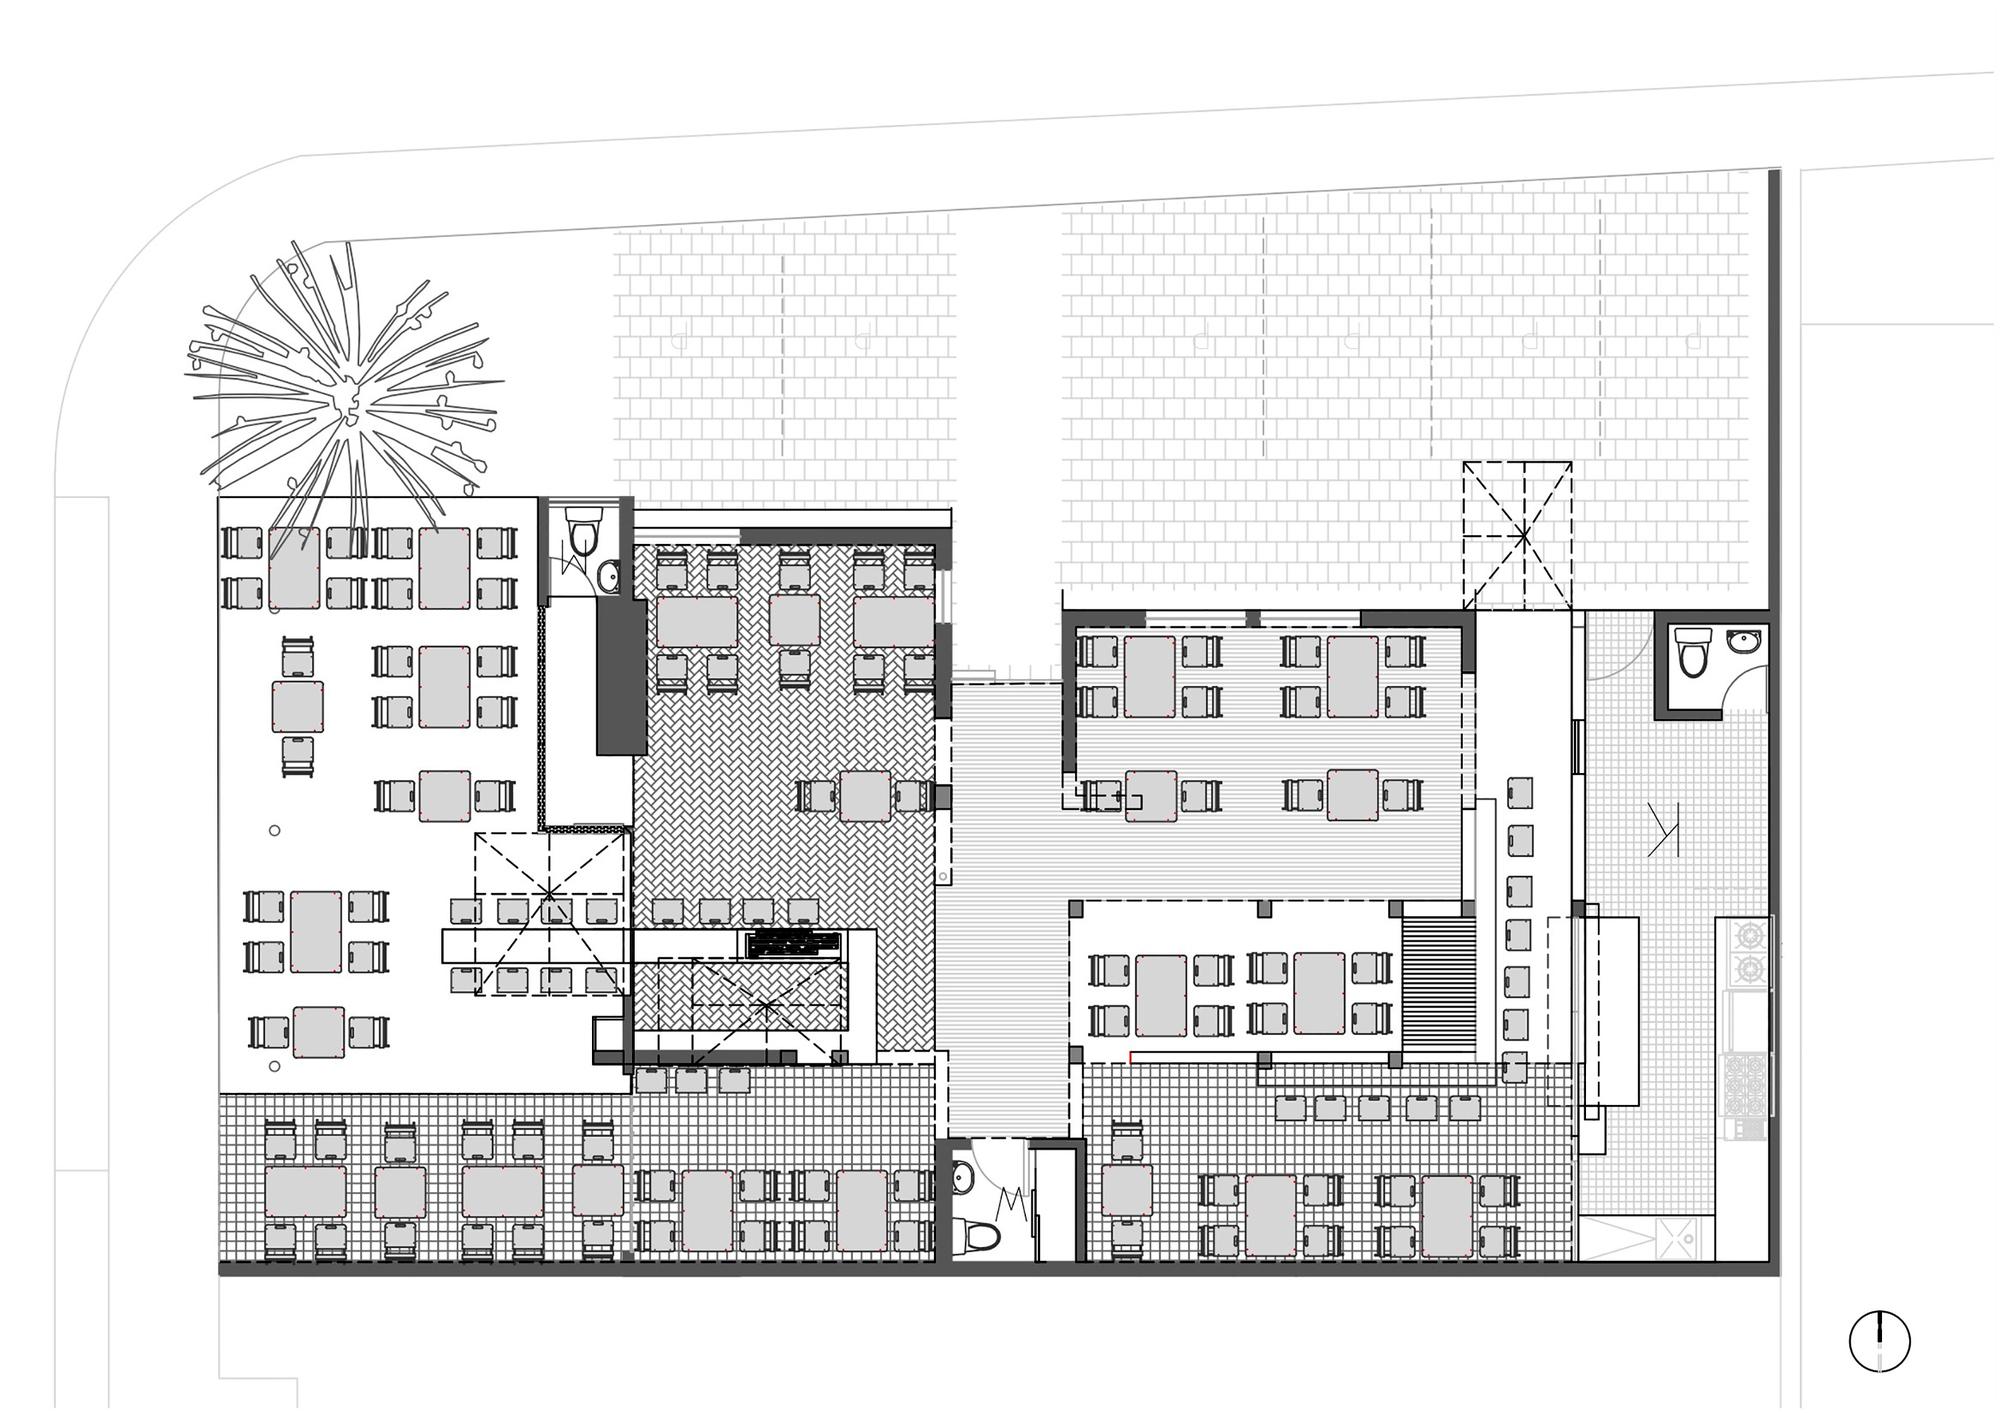 Galer a de glitch bar restaurante rama estudio 20 for Planta arquitectonica biblioteca